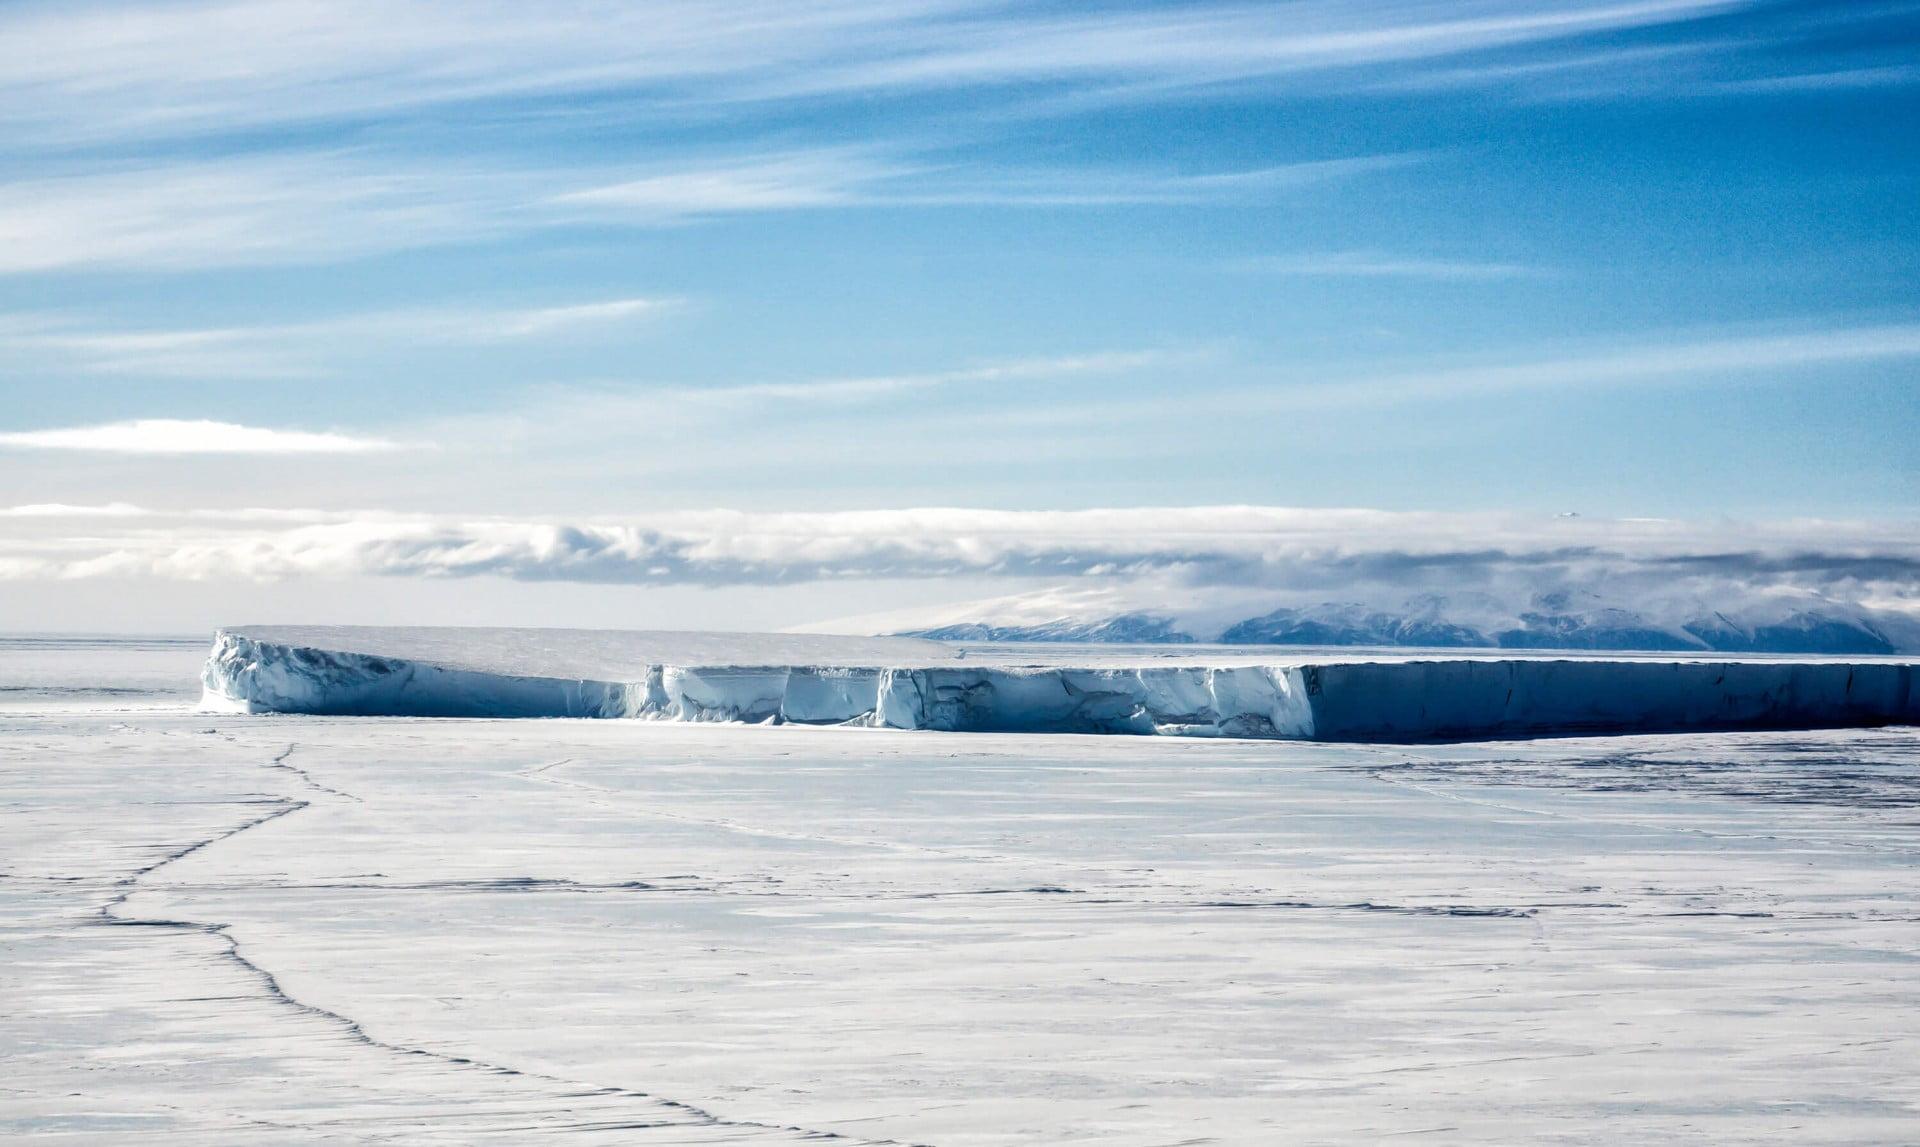 Iceberg trapped in frozen sea ice McMurdo Sound, Antarctica.